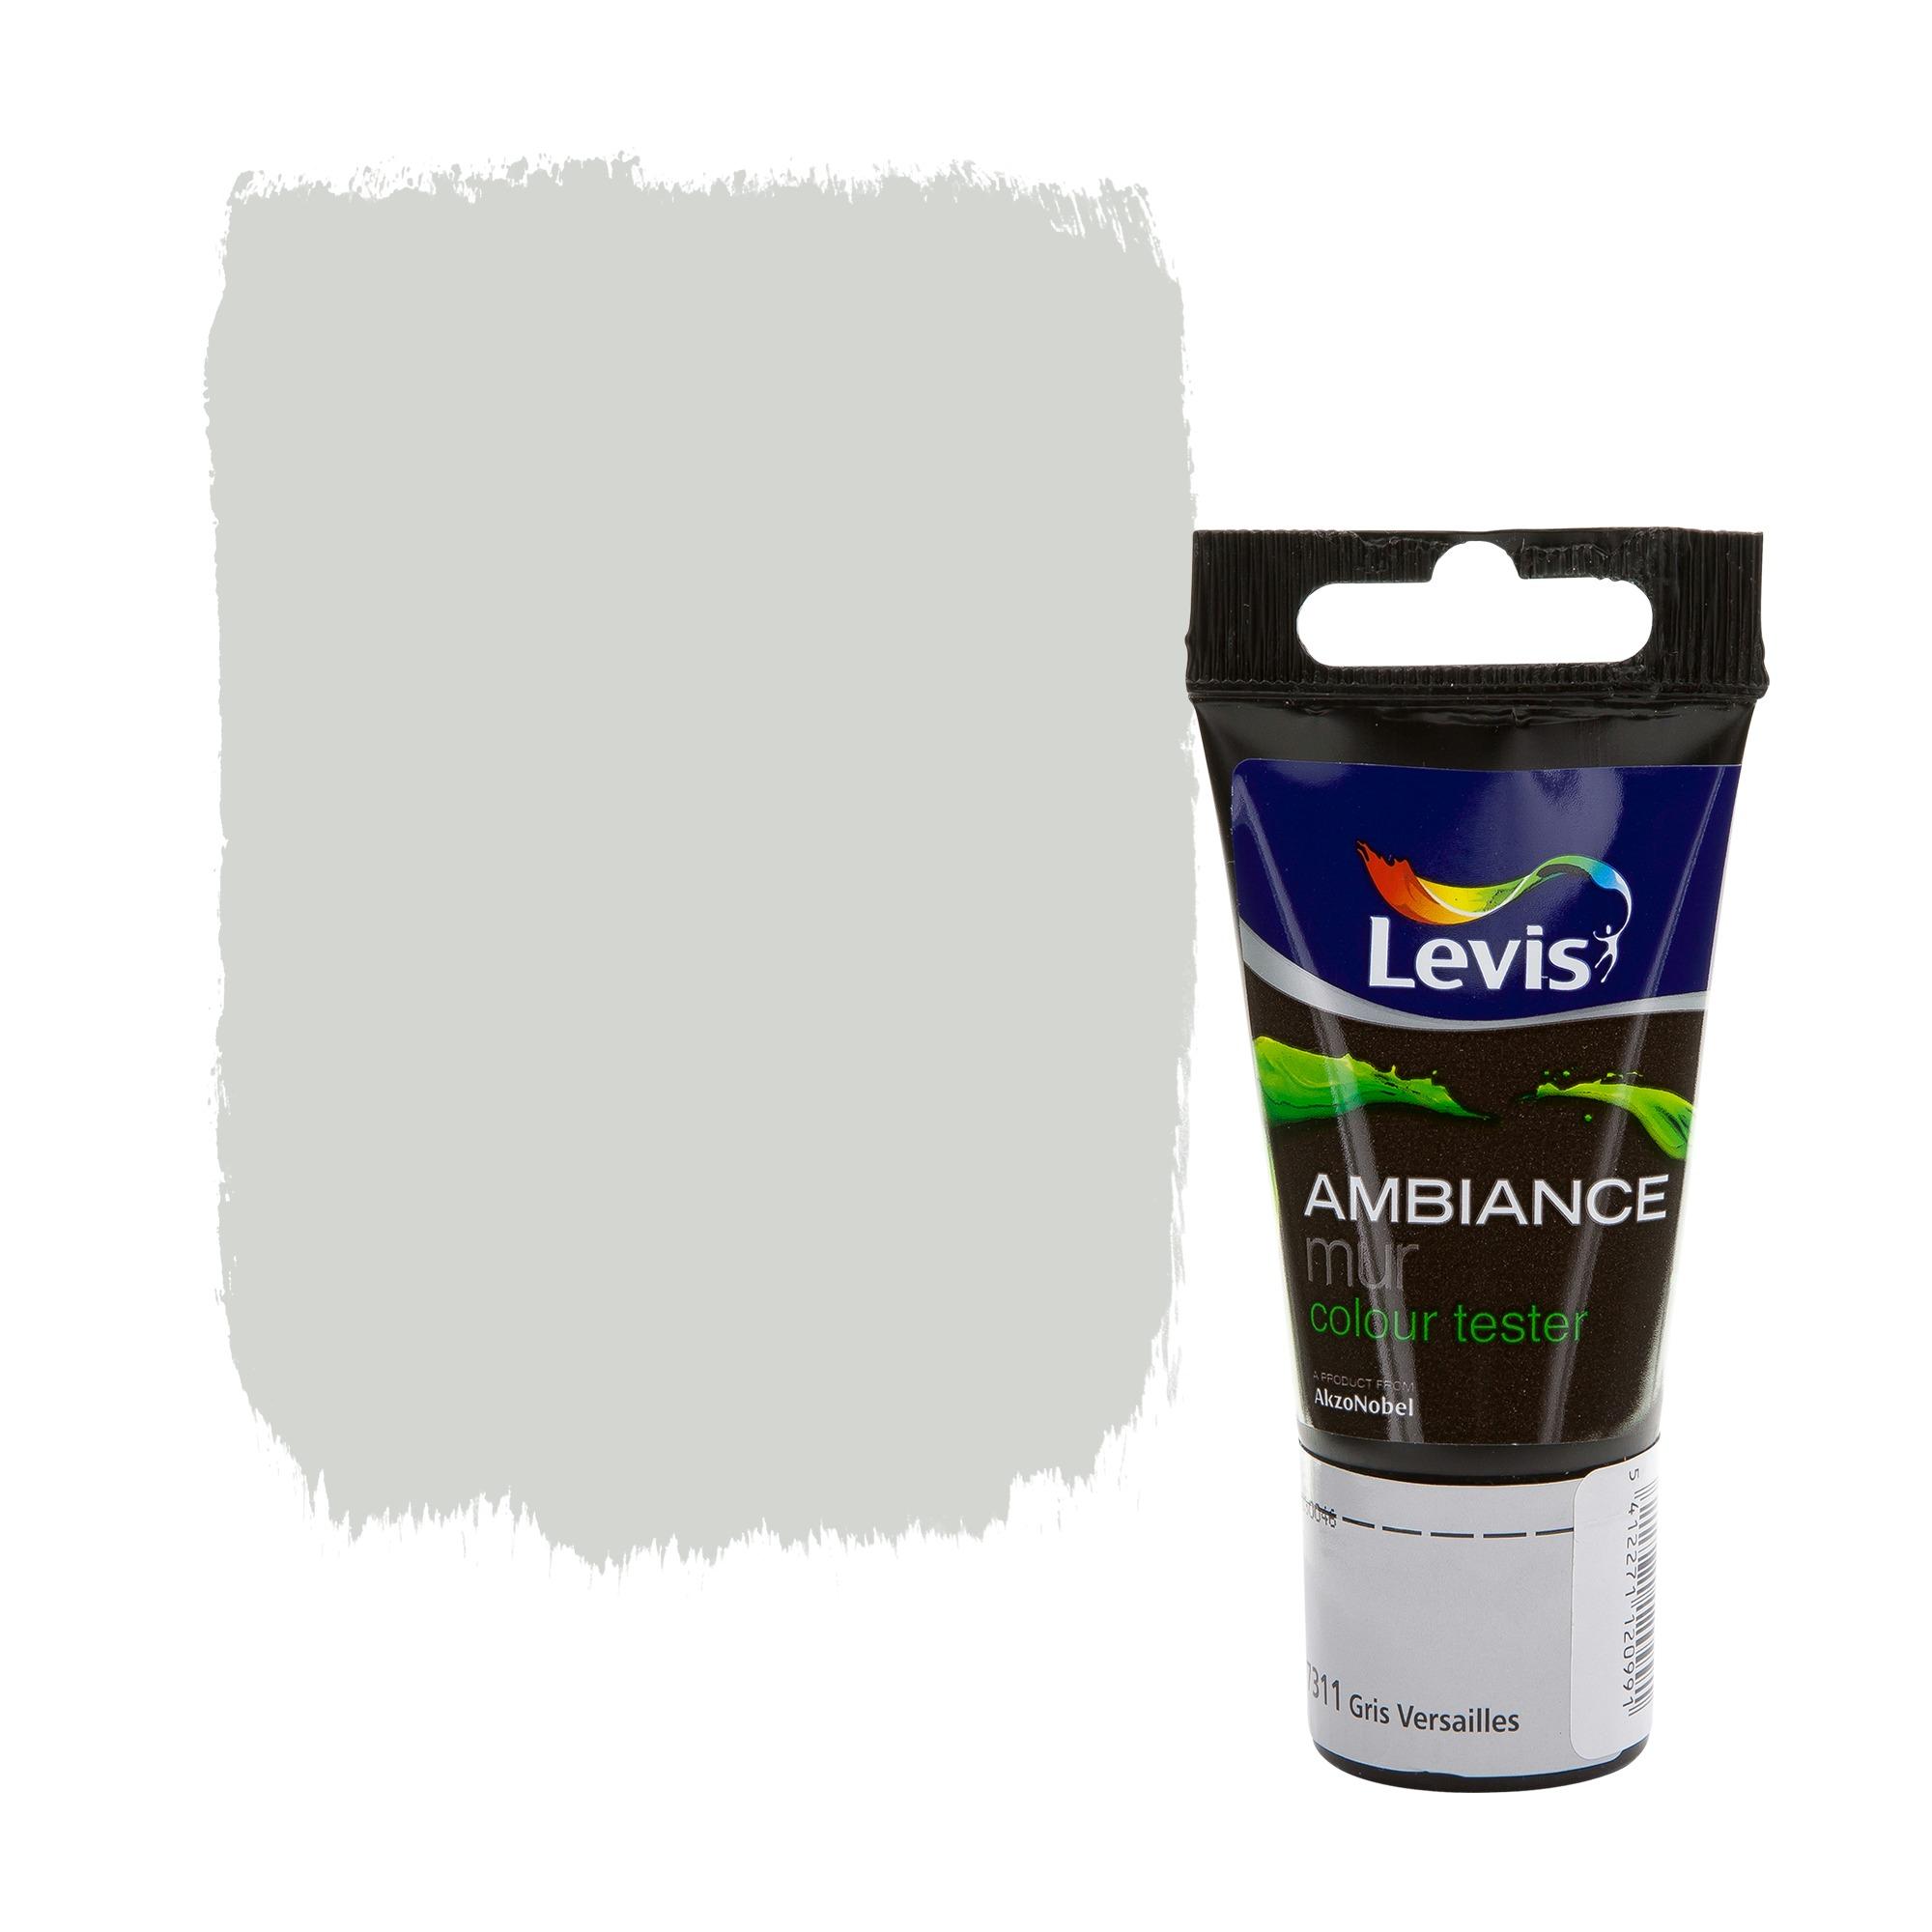 Testeur peinture ambiance mur levis extra mat gris versailles 40 ml peinture mur plafond for Peinture gris brillant mur